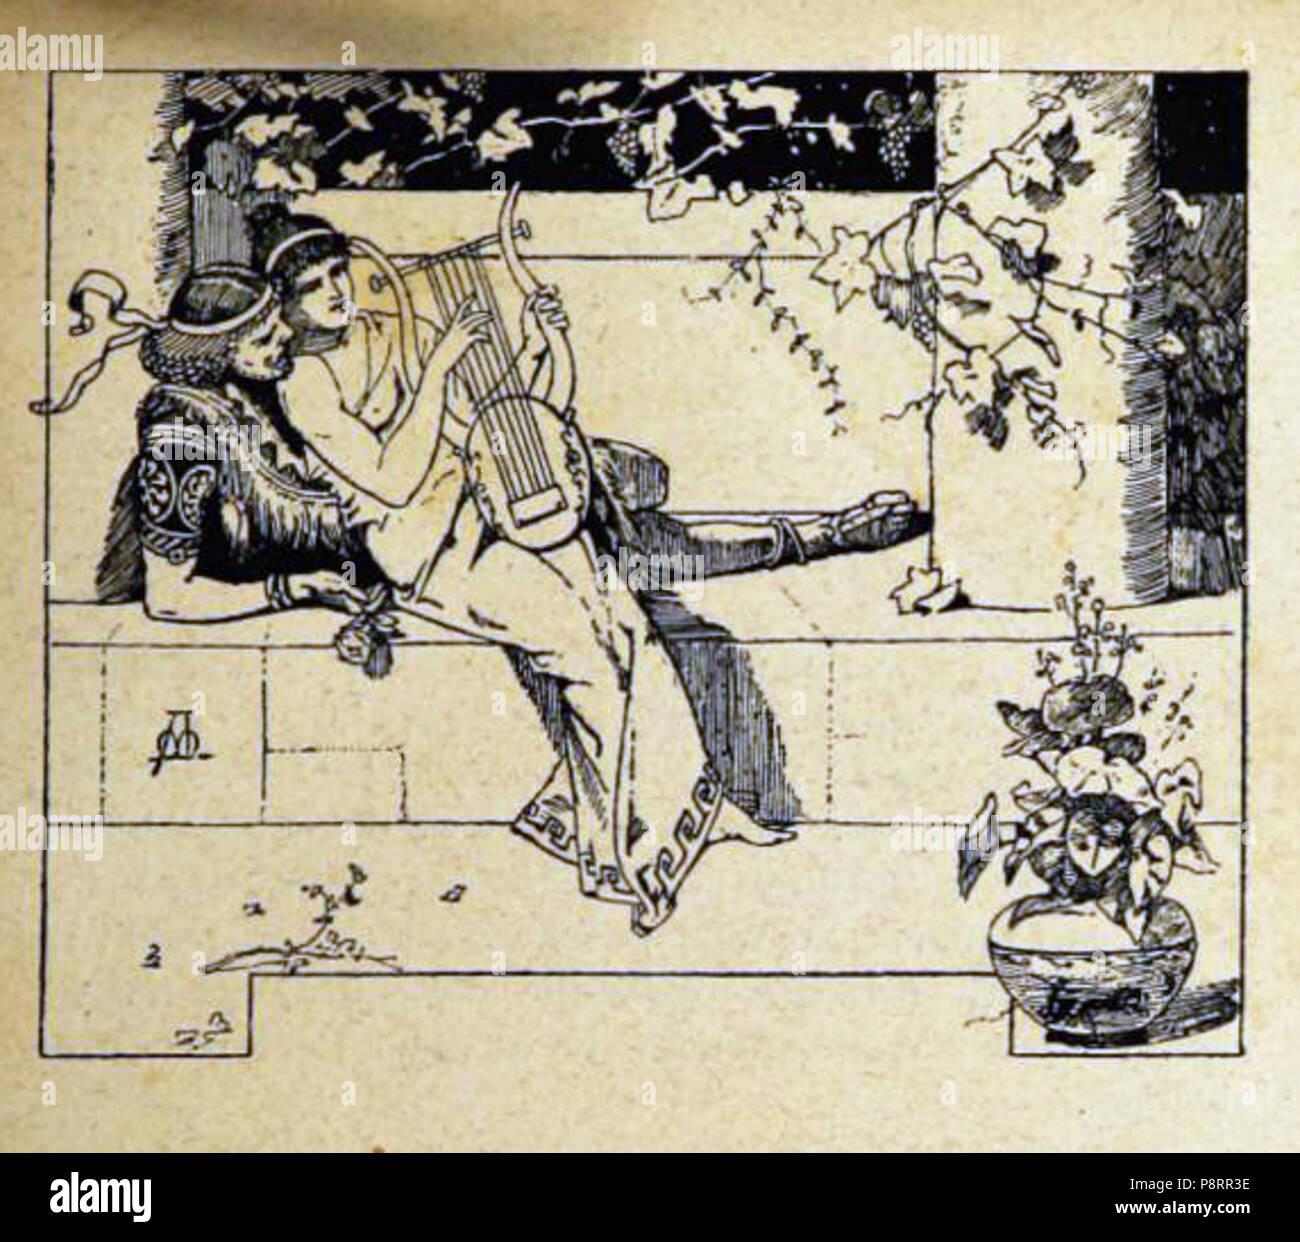 339 Ilustración de La hija del Rey de Egipto, de Apeles Mestres, capítulo XI (1881) - Stock Image